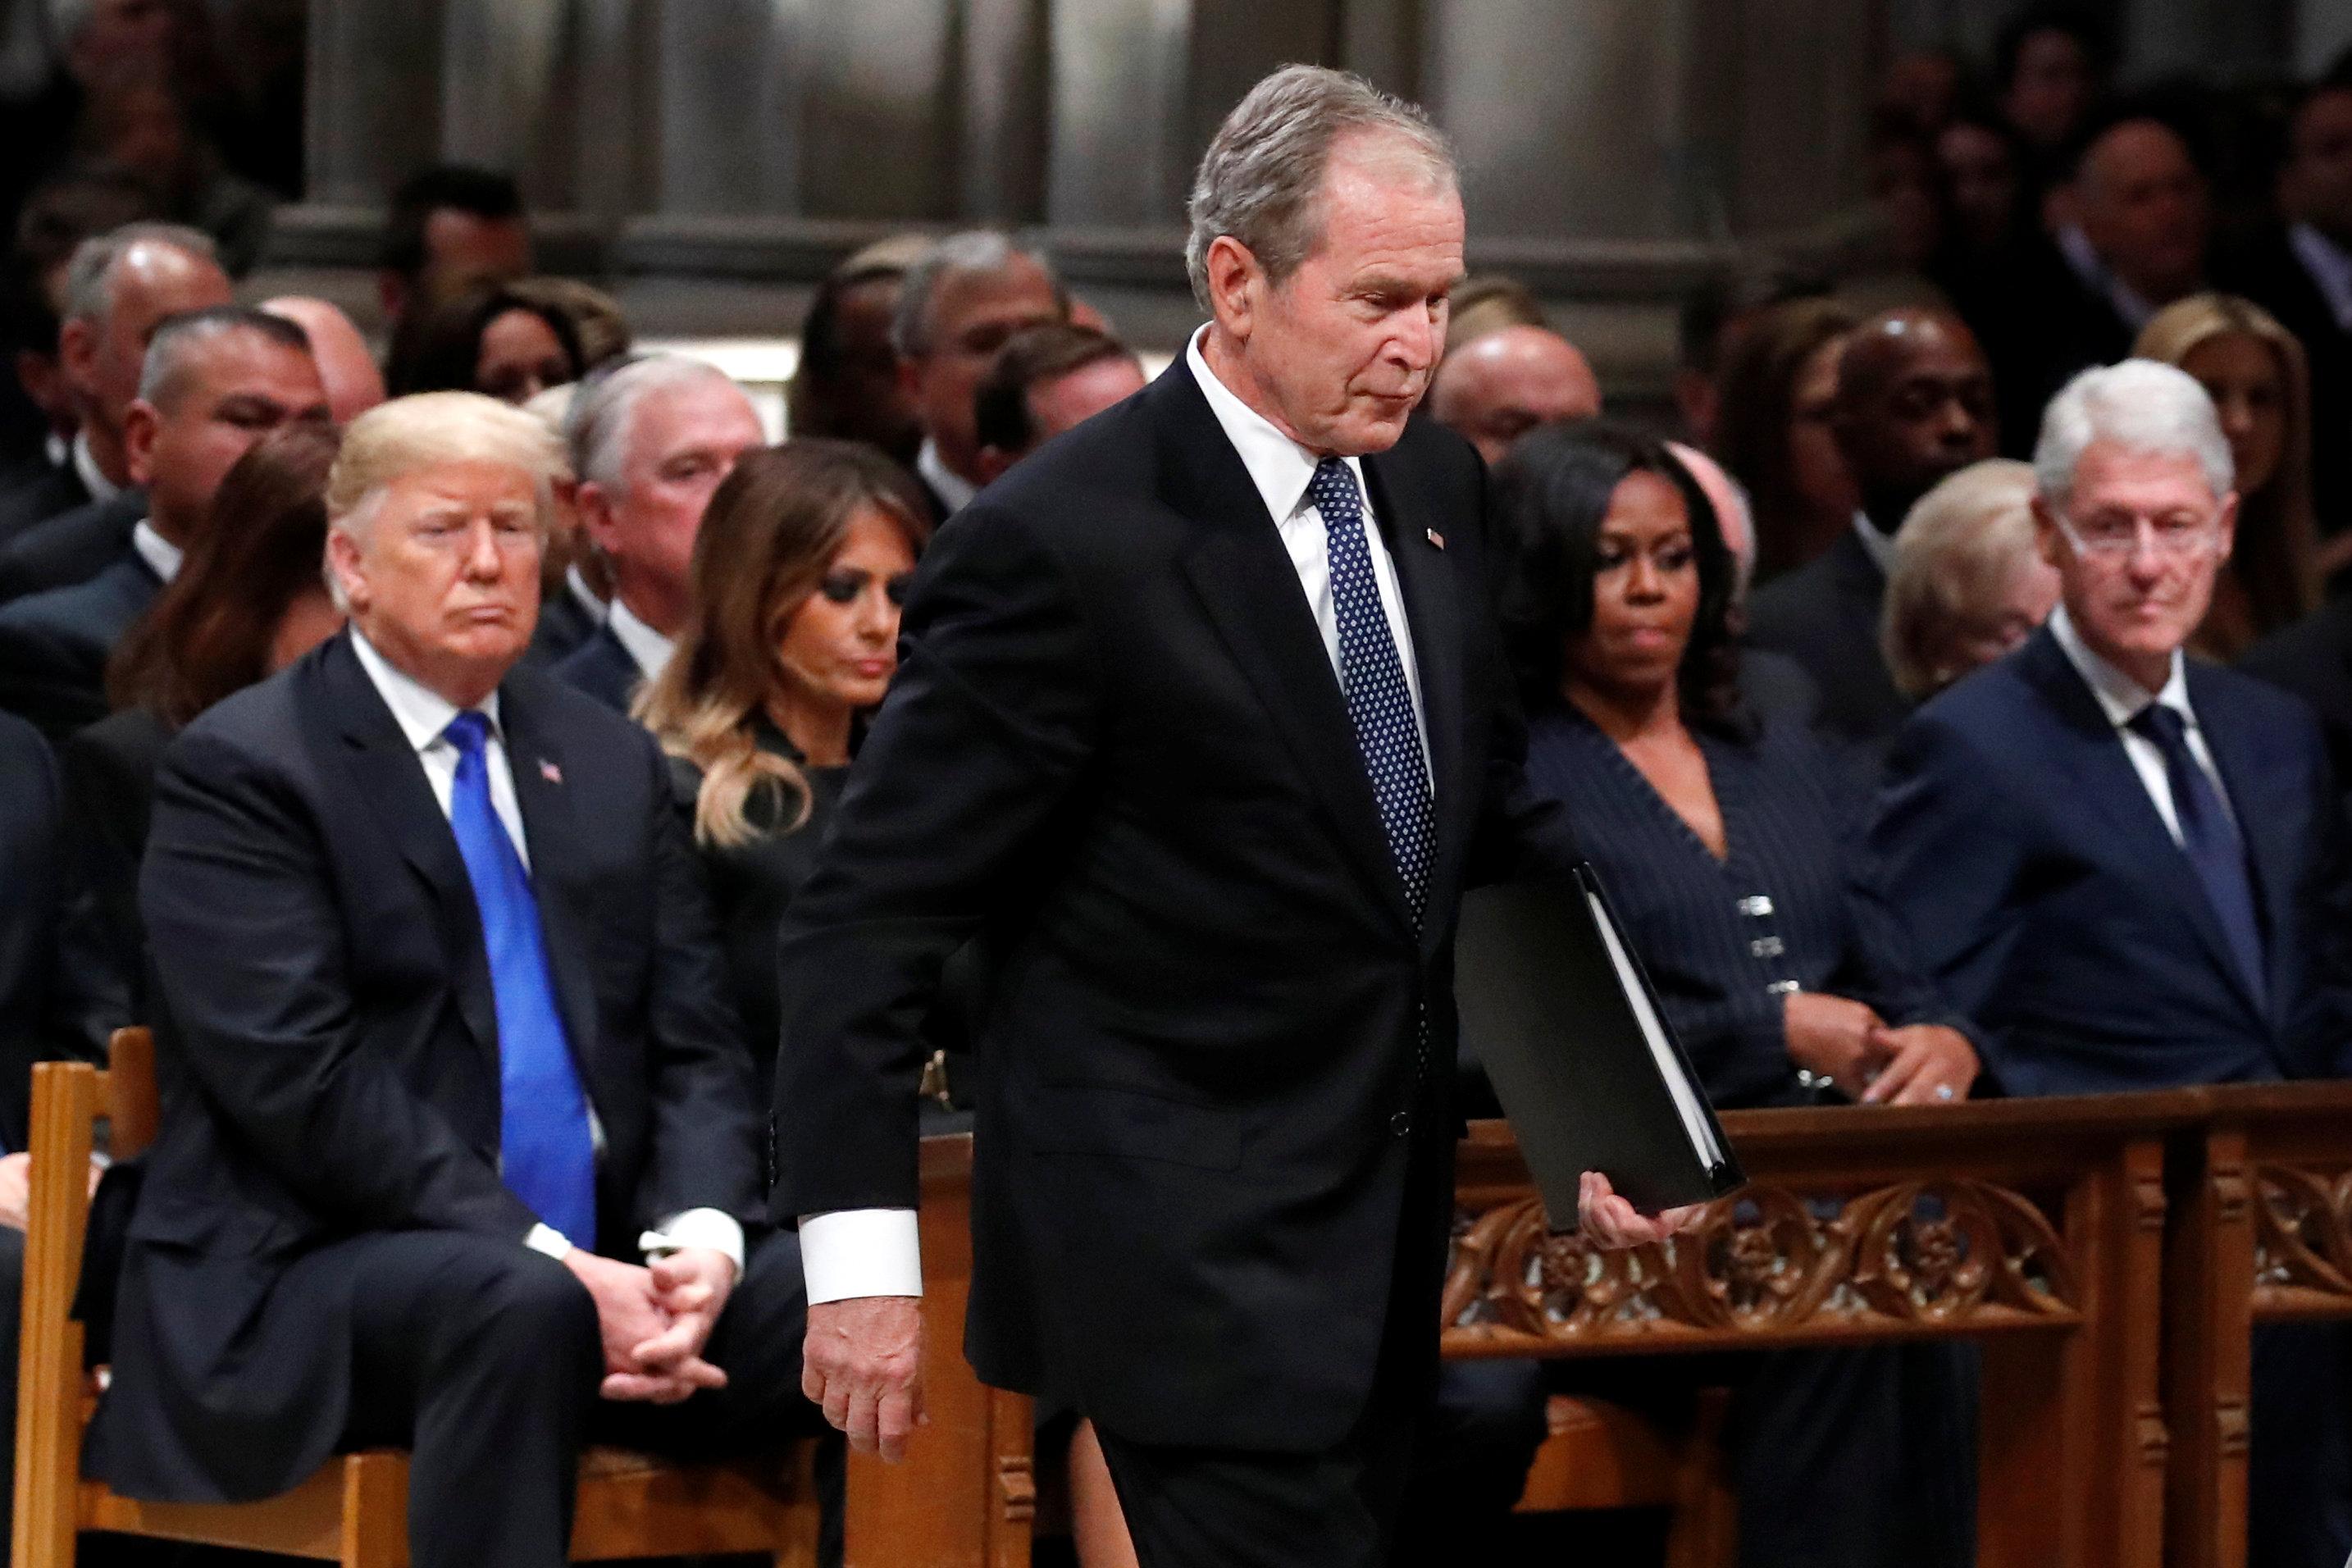 George H.W. Bush's funeral was a powerful renunciation of Trump